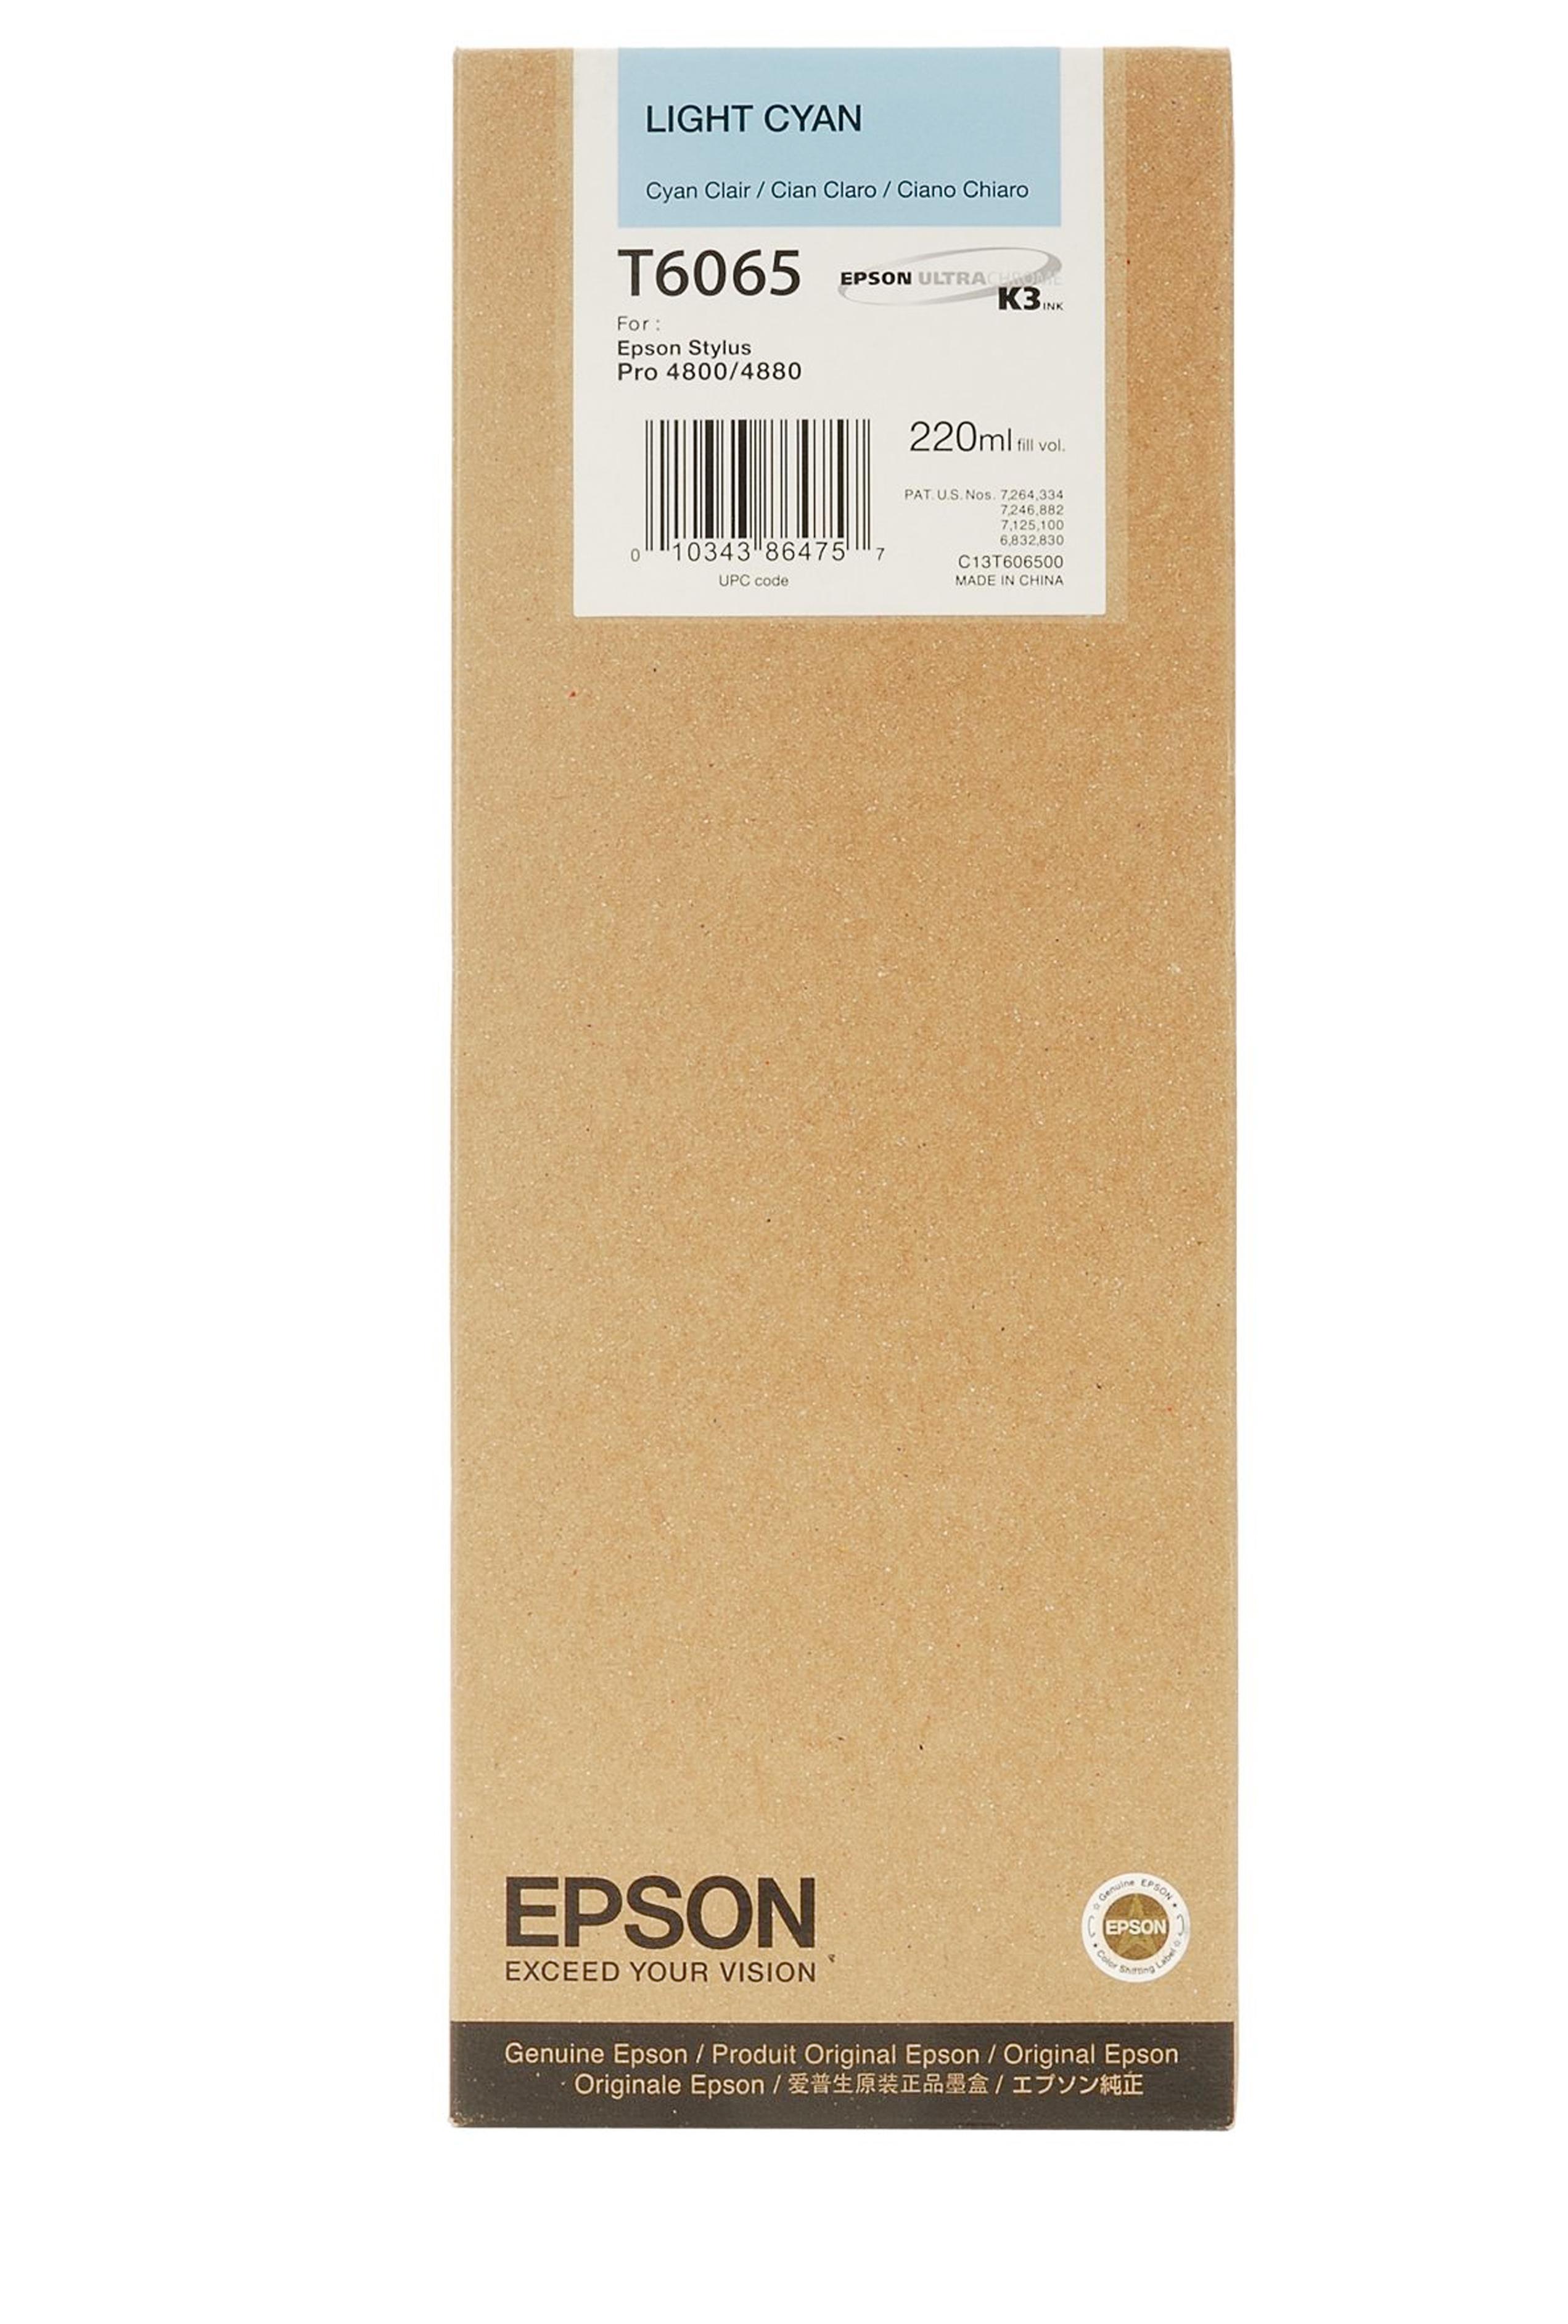 Epson EPSON HI LT CYAN INK (220 ML) (T606500)